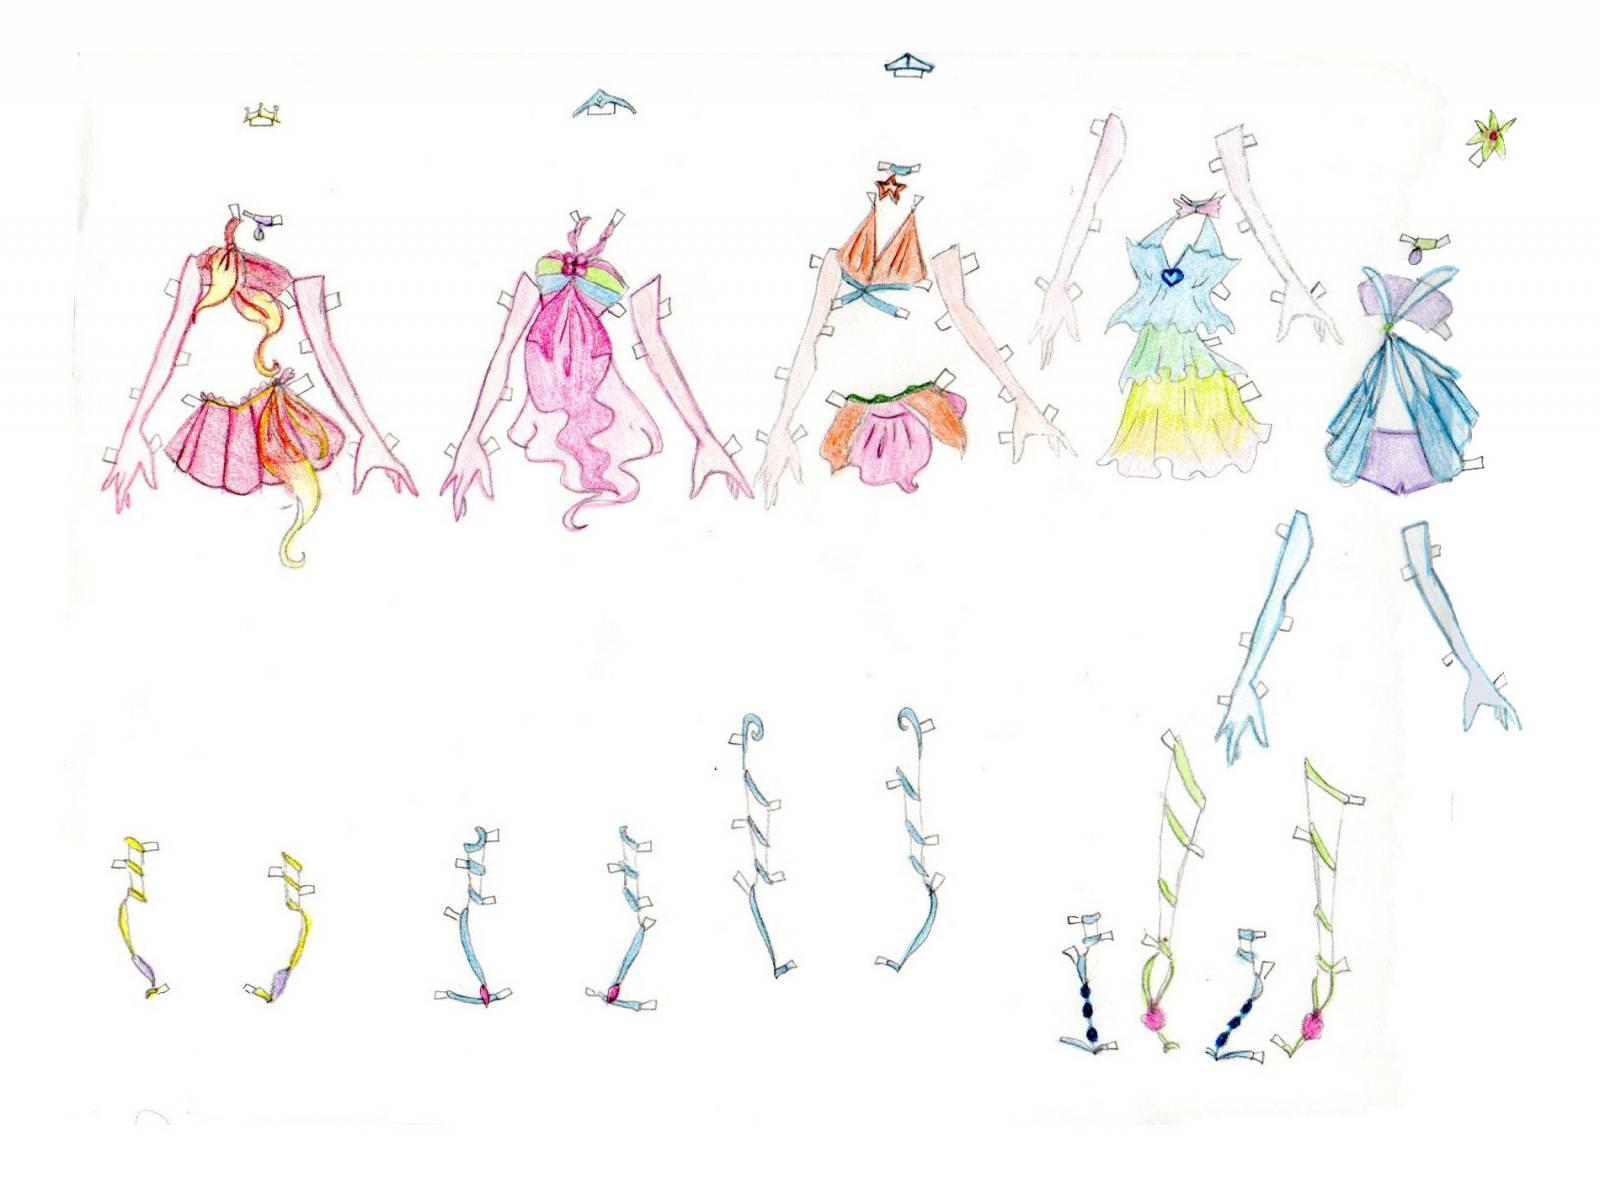 Схемы как нарисовать куклы